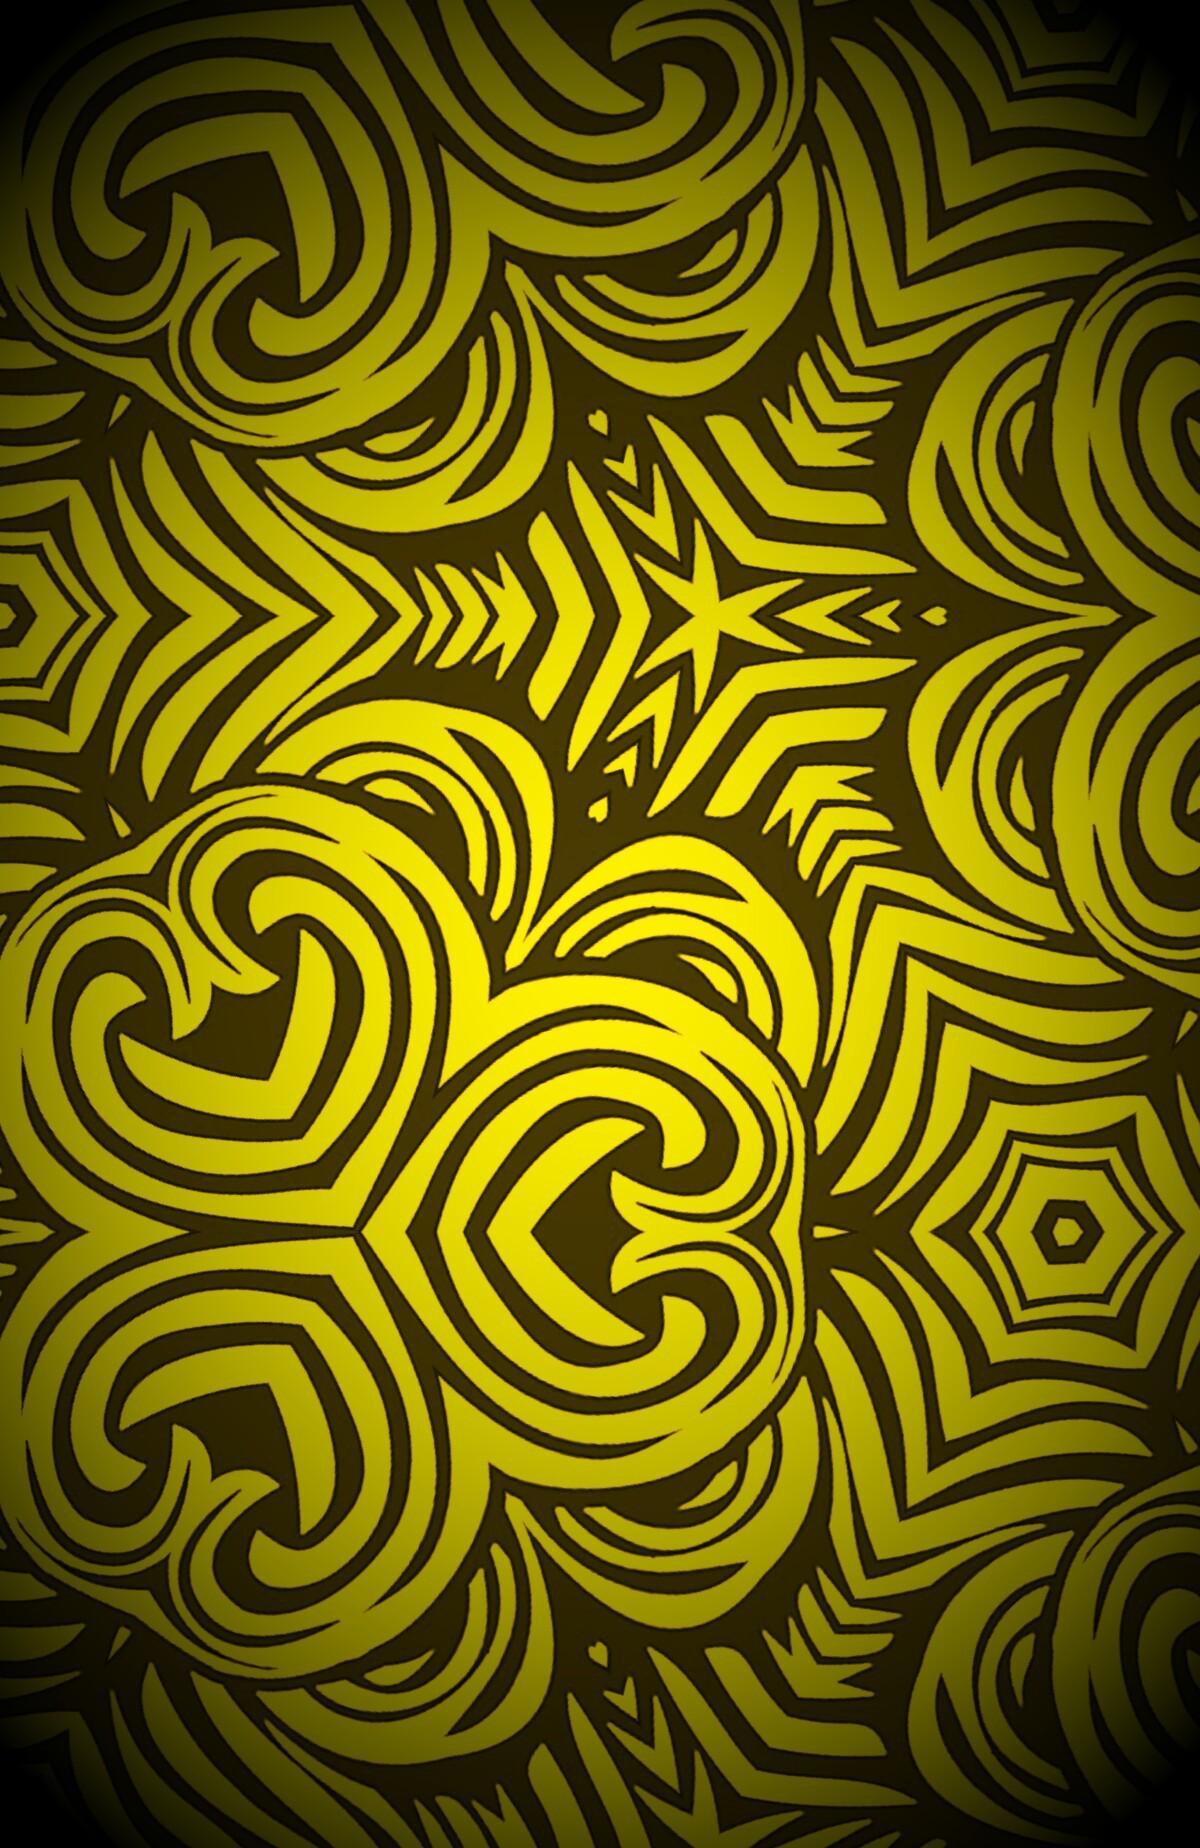 Kaleidoo (kaleidoscope)